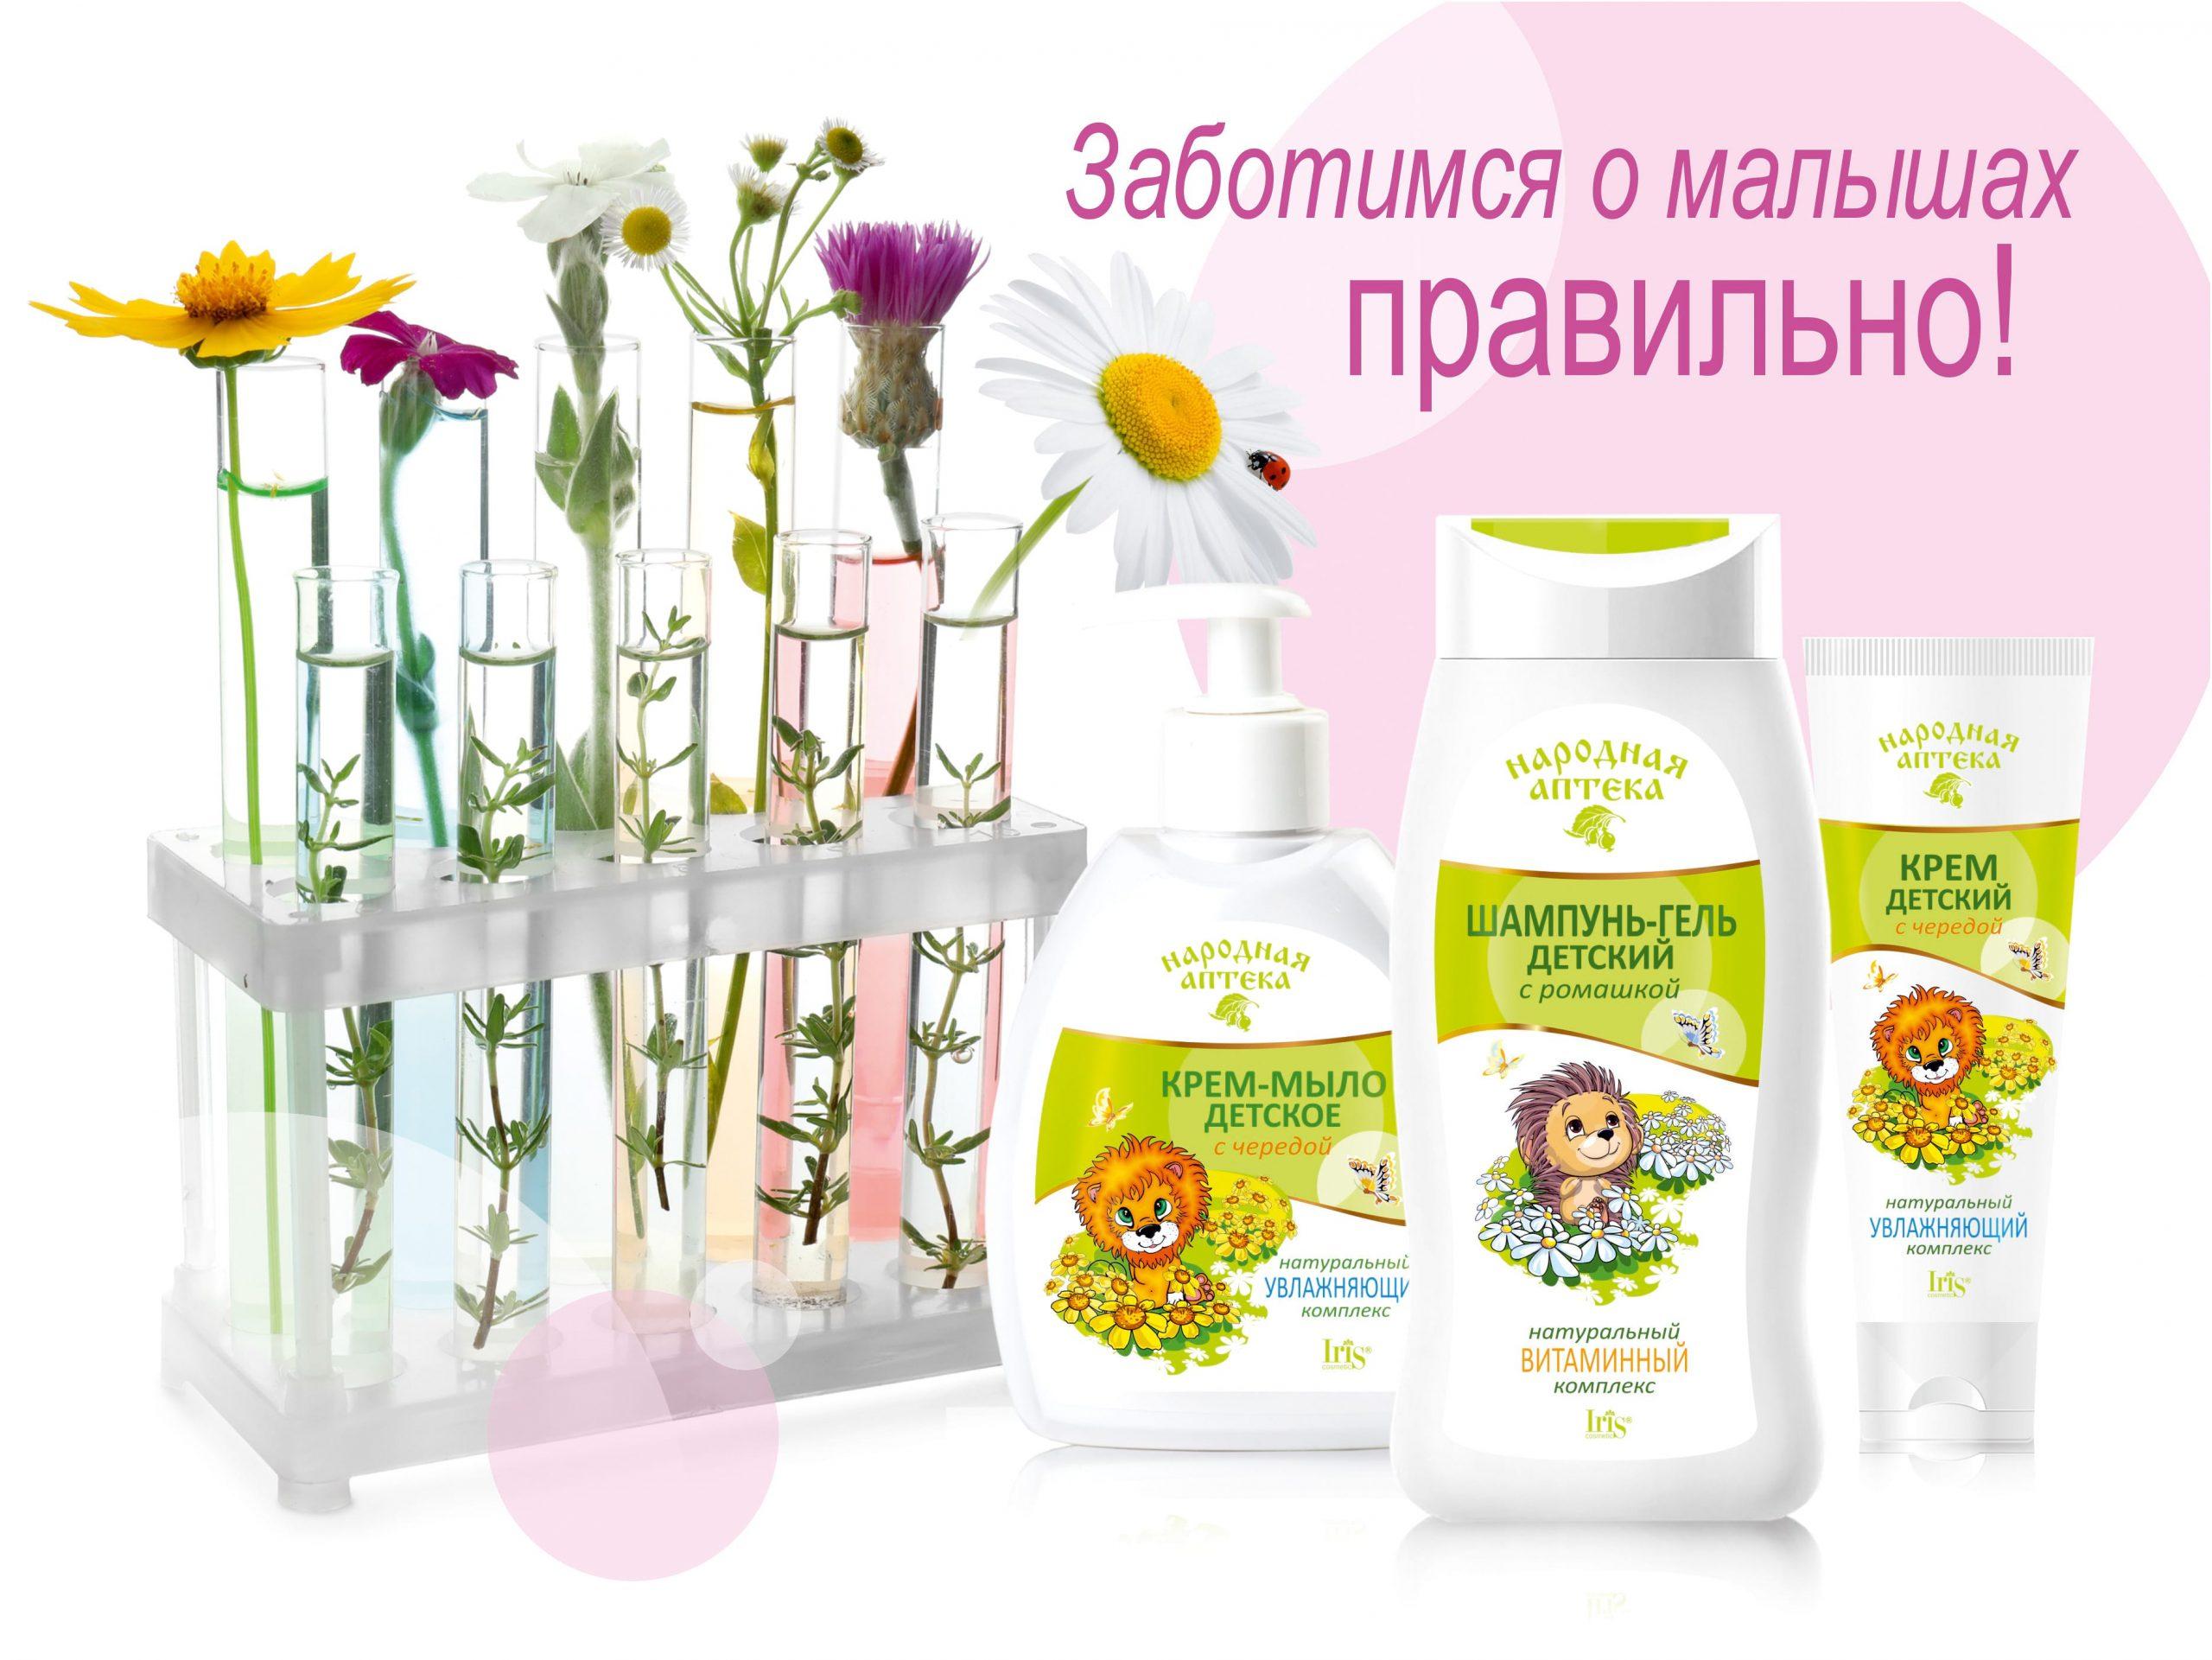 Для ухода за кожей и волосами малышей от 1 года - природная детская косметика Народная аптека